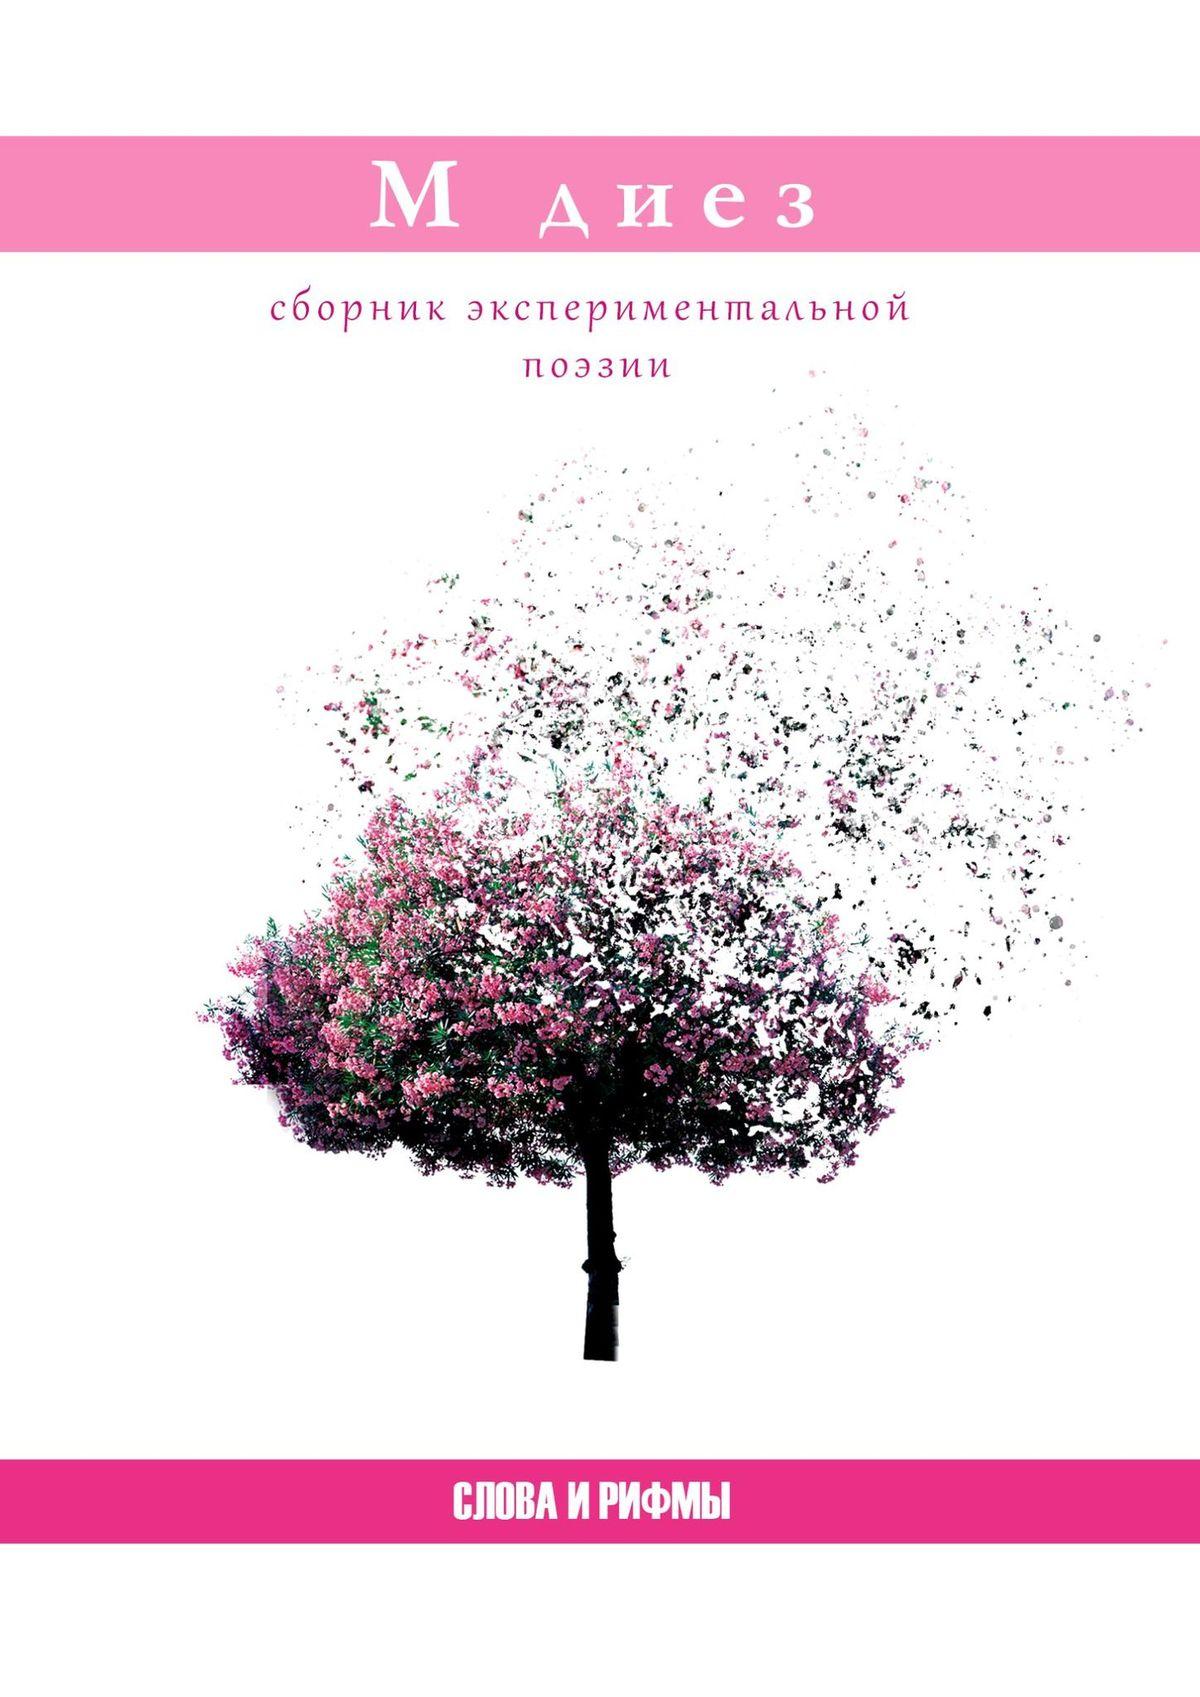 Мила Алексеевна Мальцева Слова образца 2013—2015года мила мальцева сиреневый ветер книга первая вдох